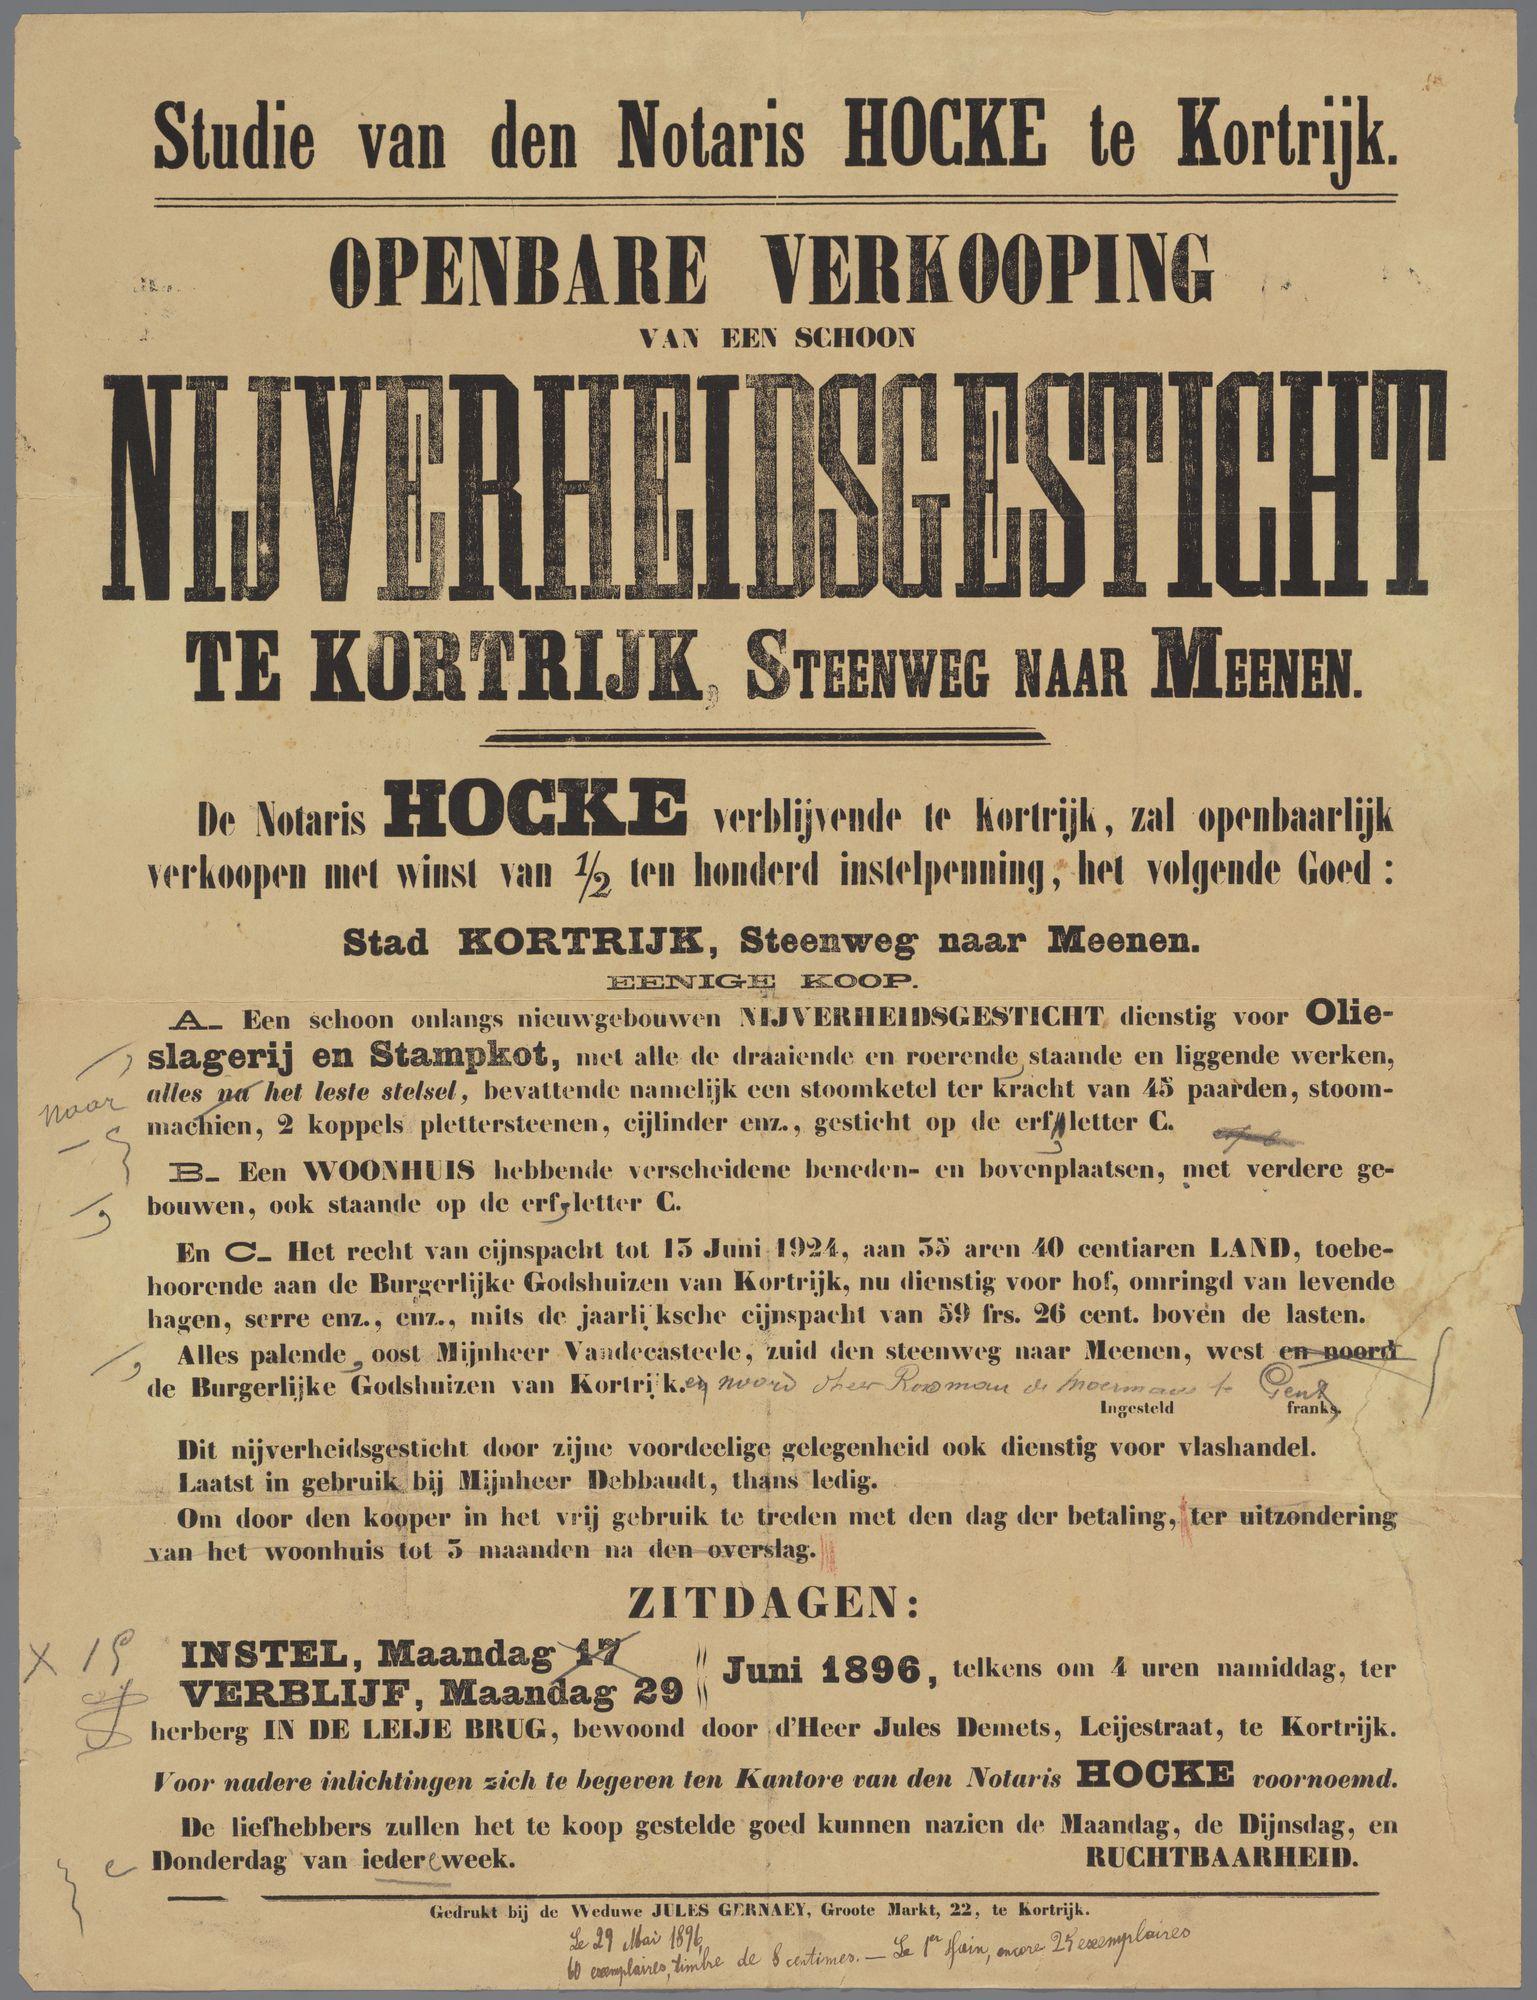 Verkoop van handelspand (Nijverheidsgesticht) 1896